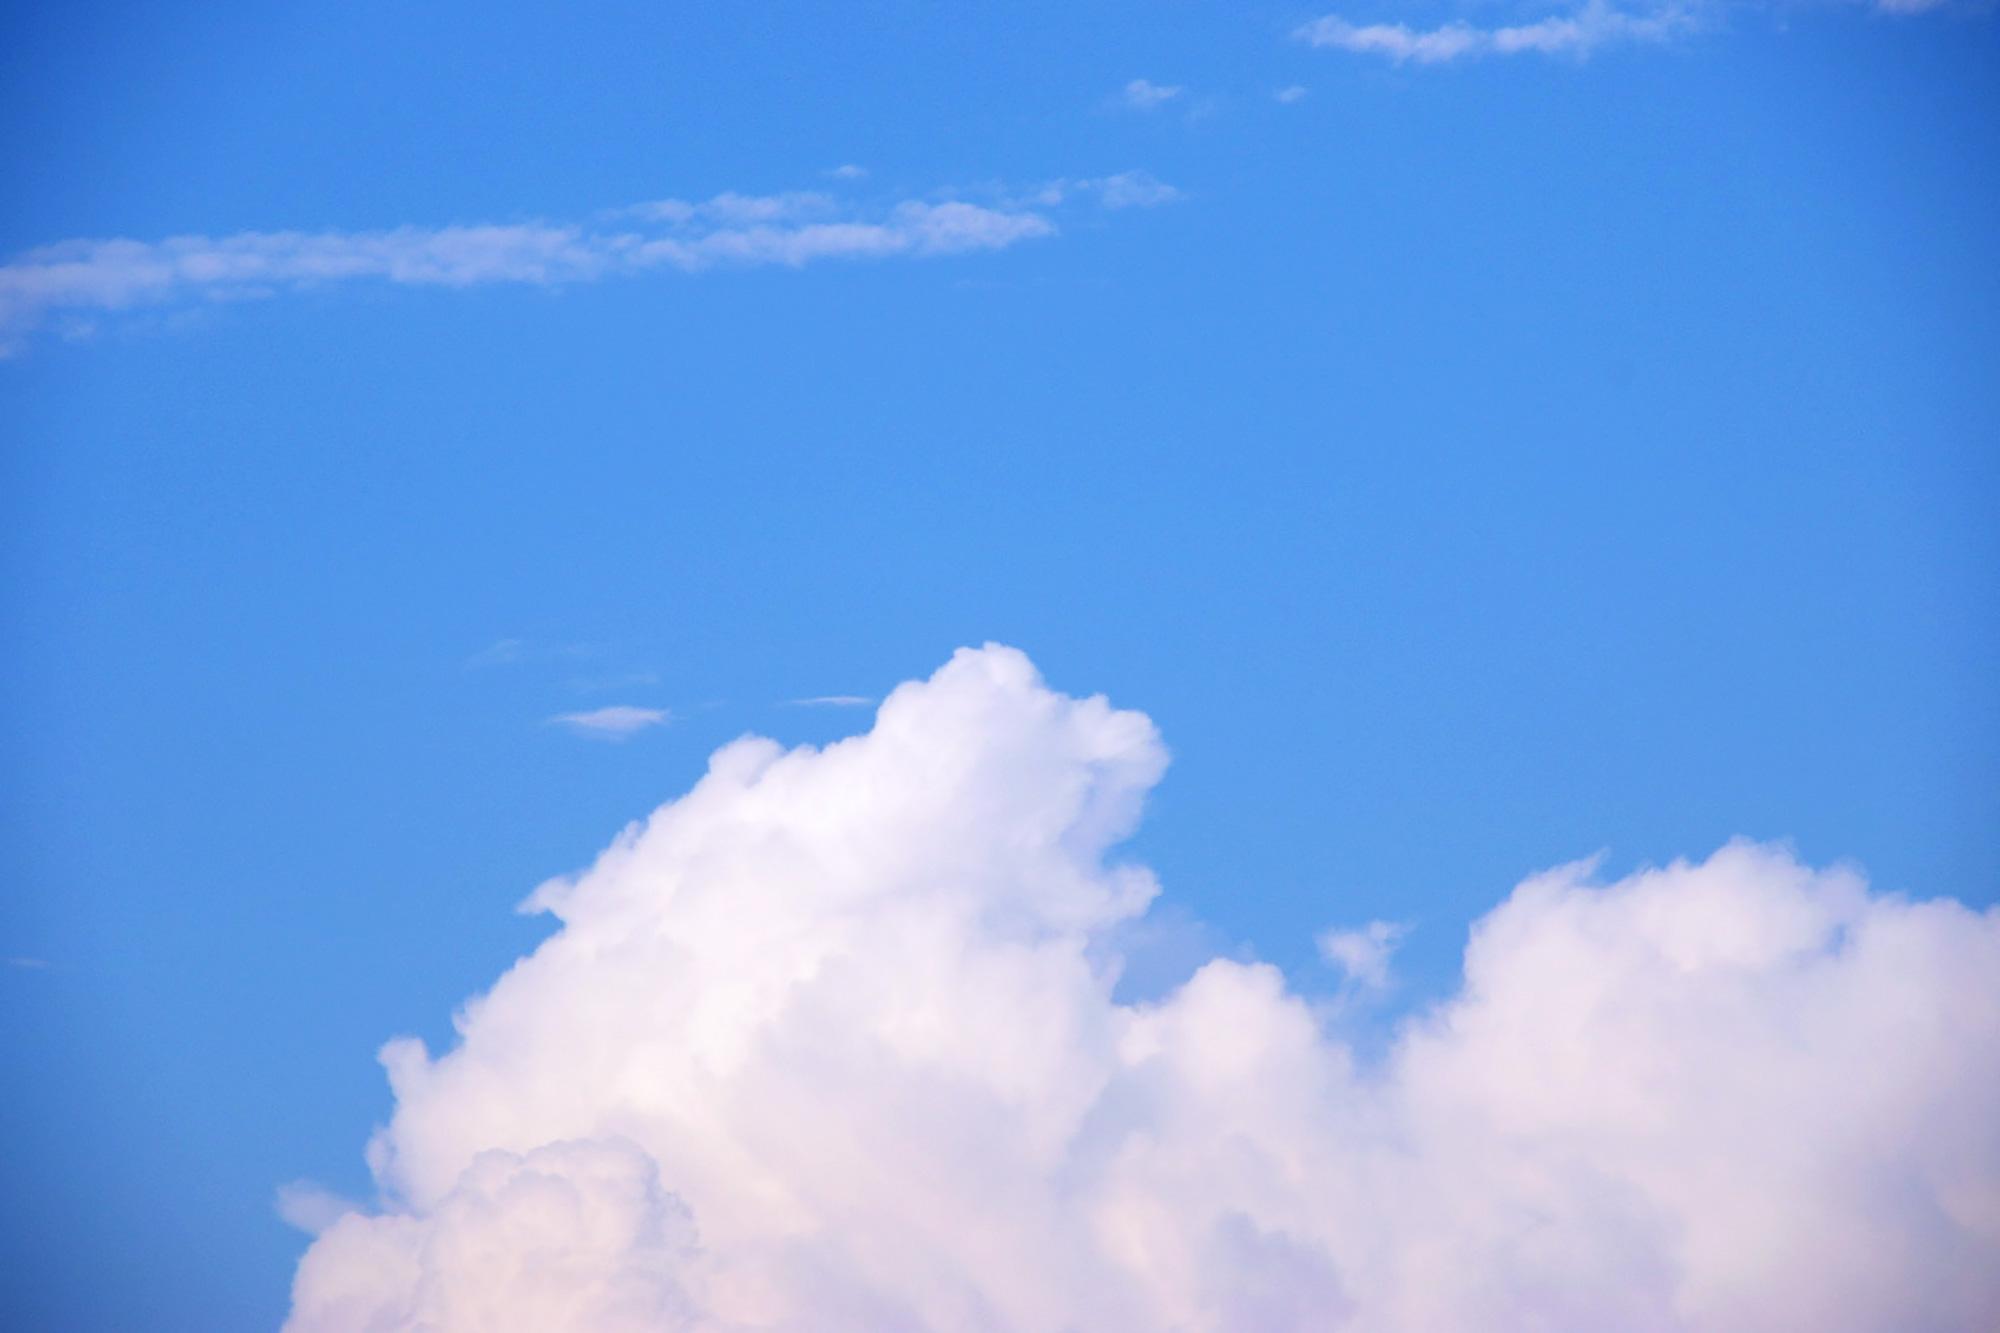 夏の青空の写真のフリー素材